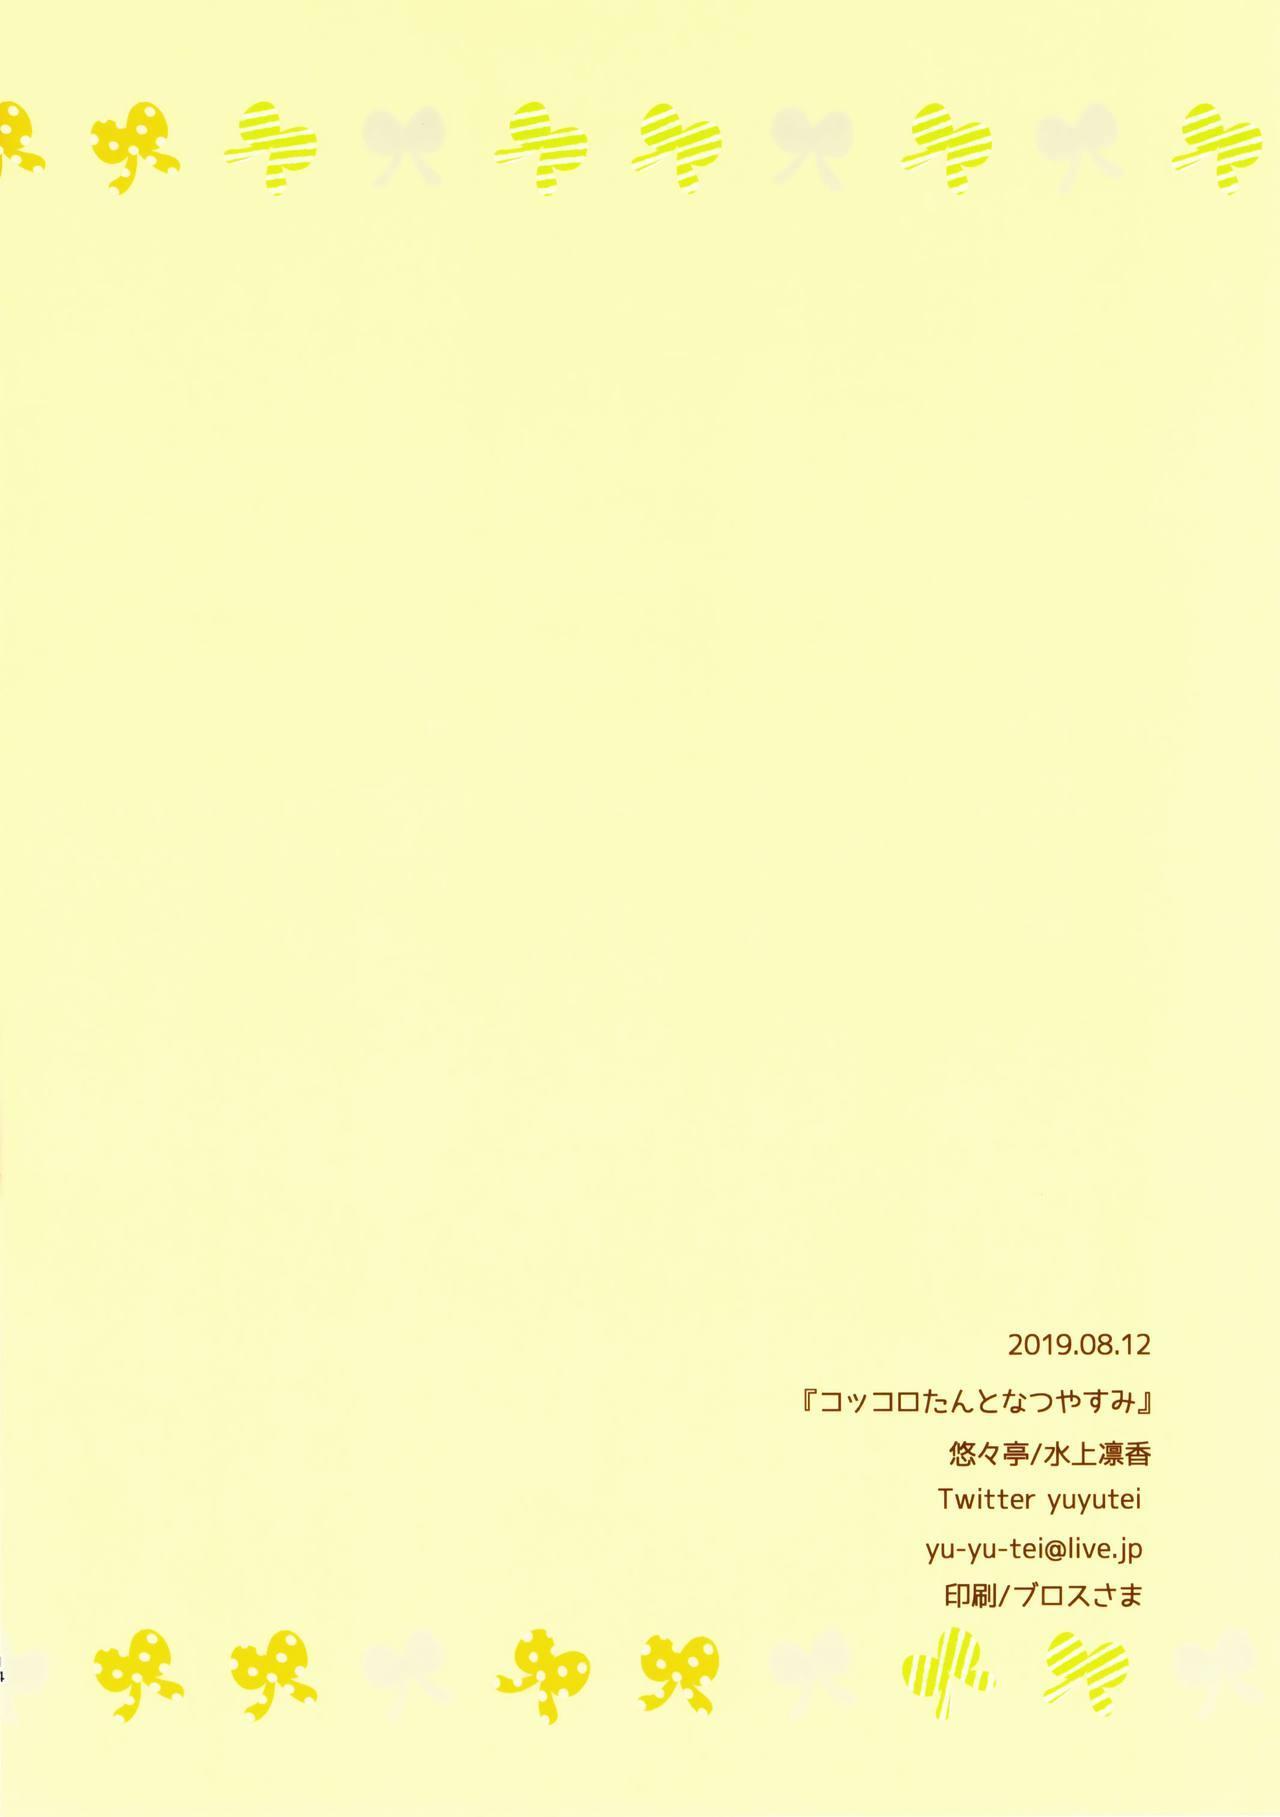 Kokkoro-tan to Natsuyasumi 14